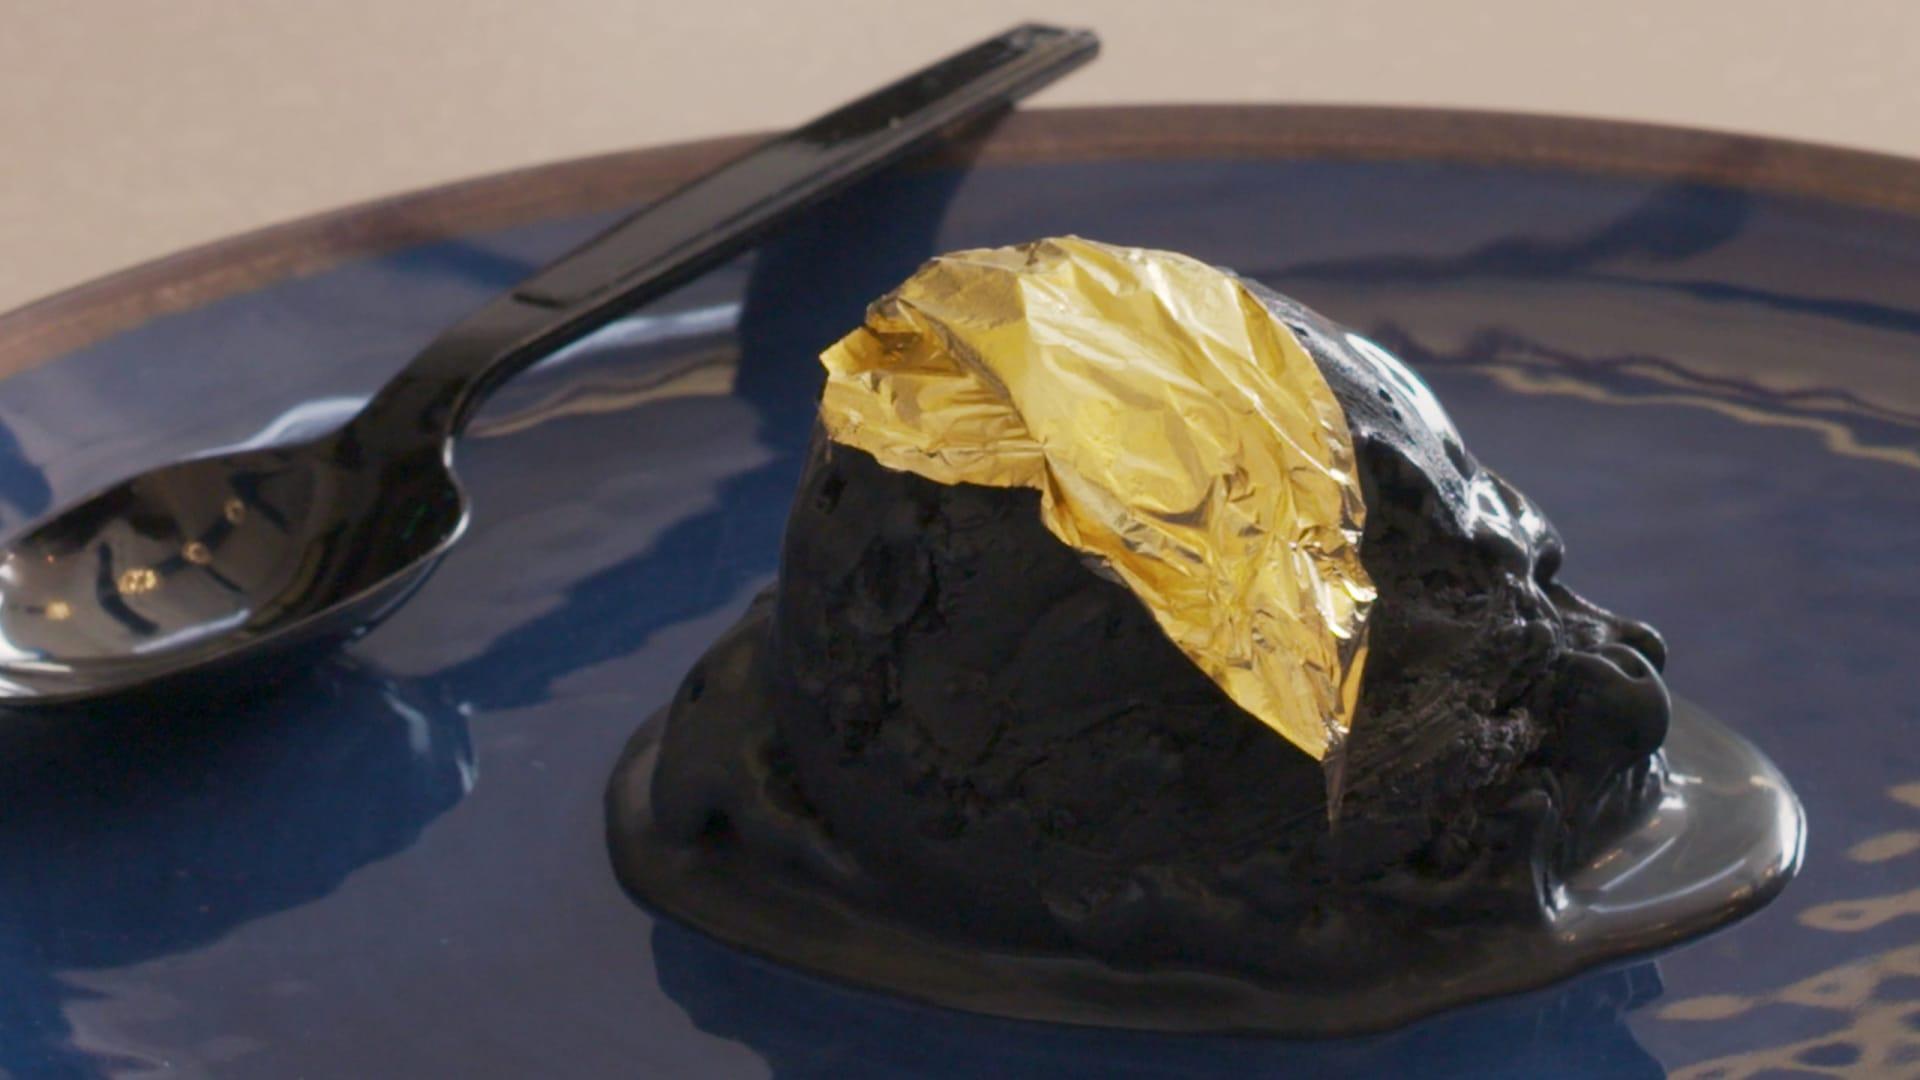 بوظة من الفحم والذهب الصالح للأكل.. كيف مذاقه؟